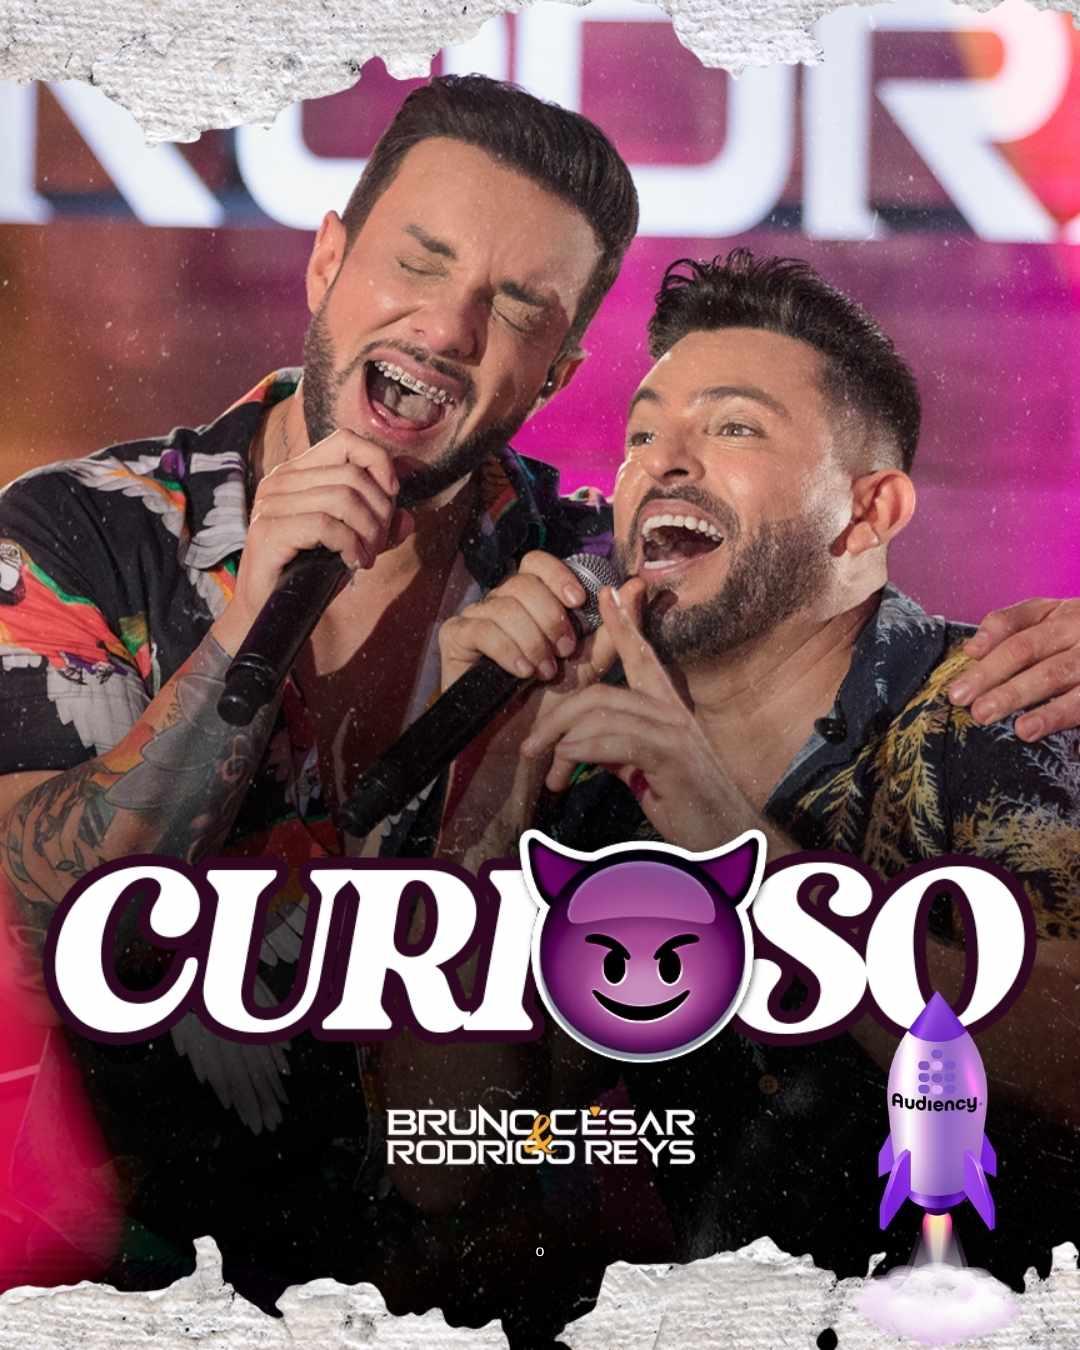 """Bruno César e Rodrigo Reys lançam """"Curioso"""" nas rádios do Brasil"""